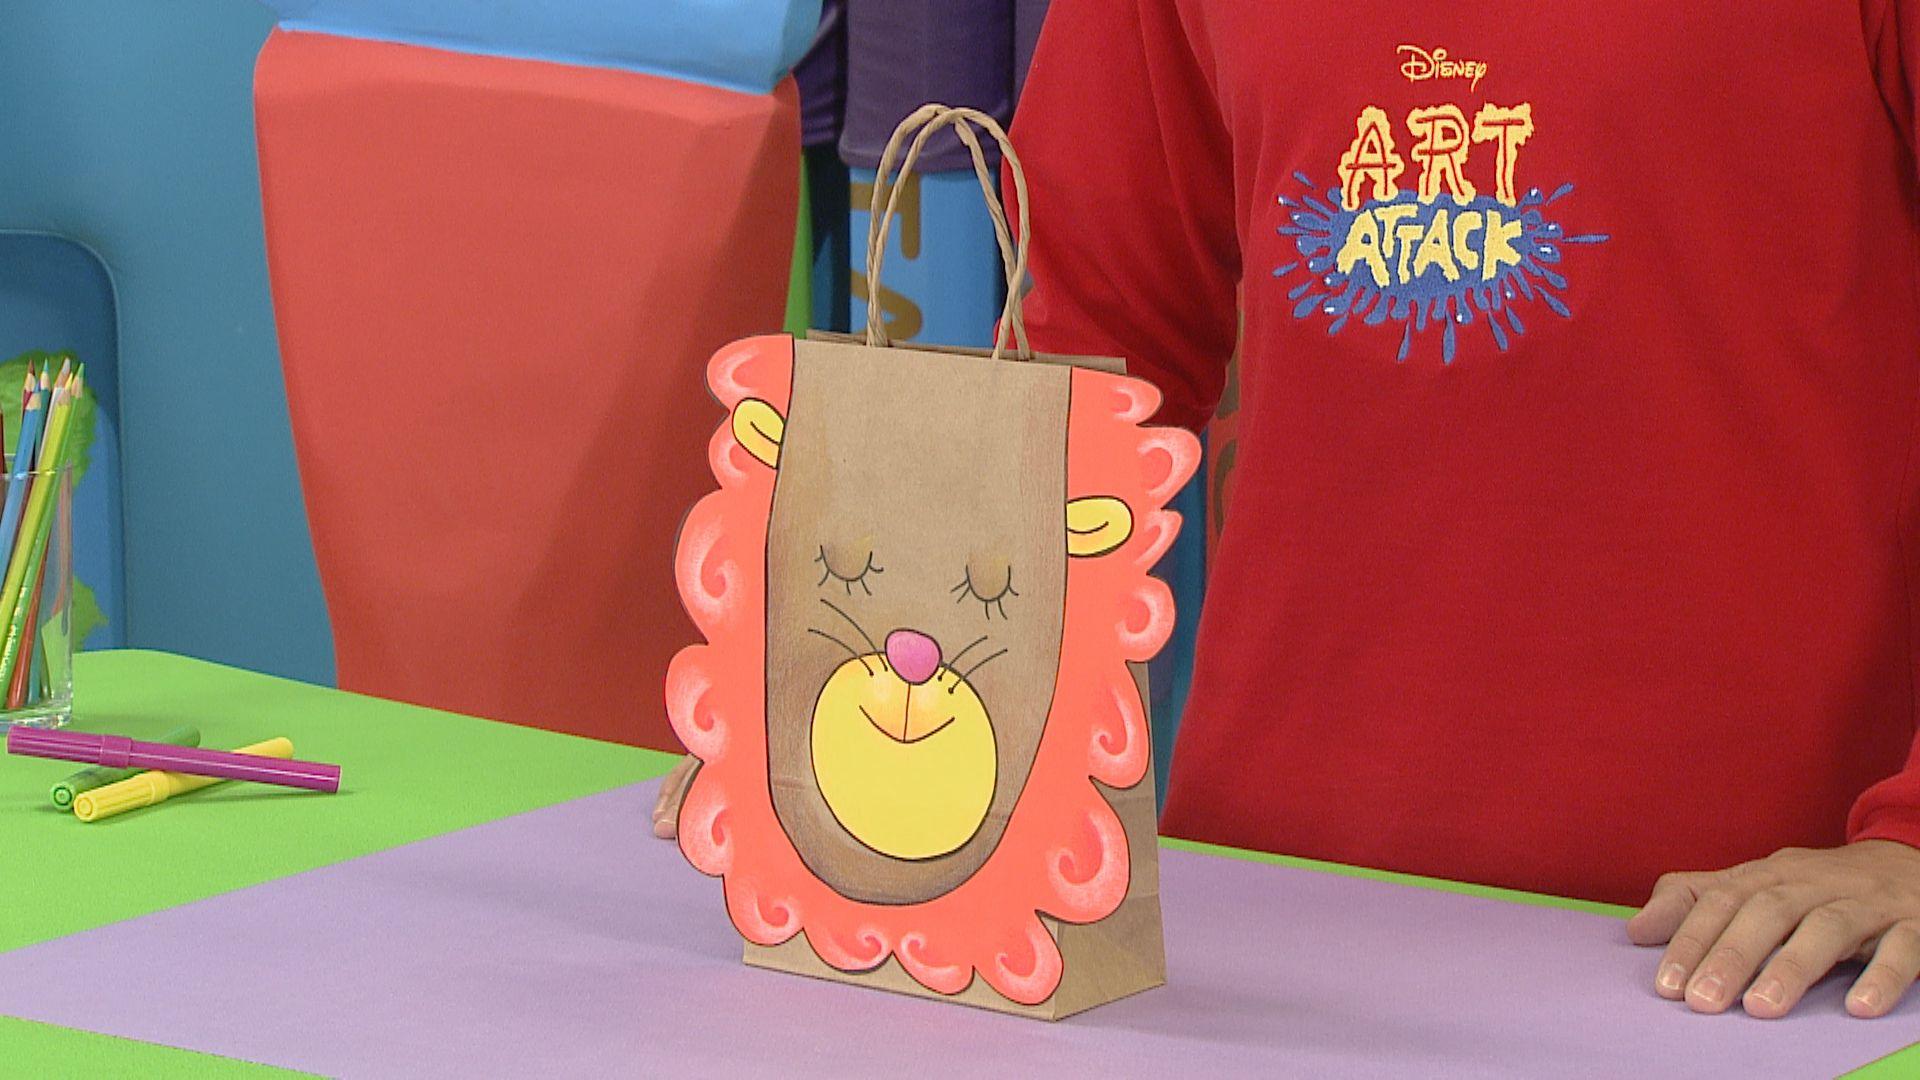 Manualidad de art attack para hacer una bolsa sorpresa en la pagina web se pueden descargar - Manualidades art attack ...